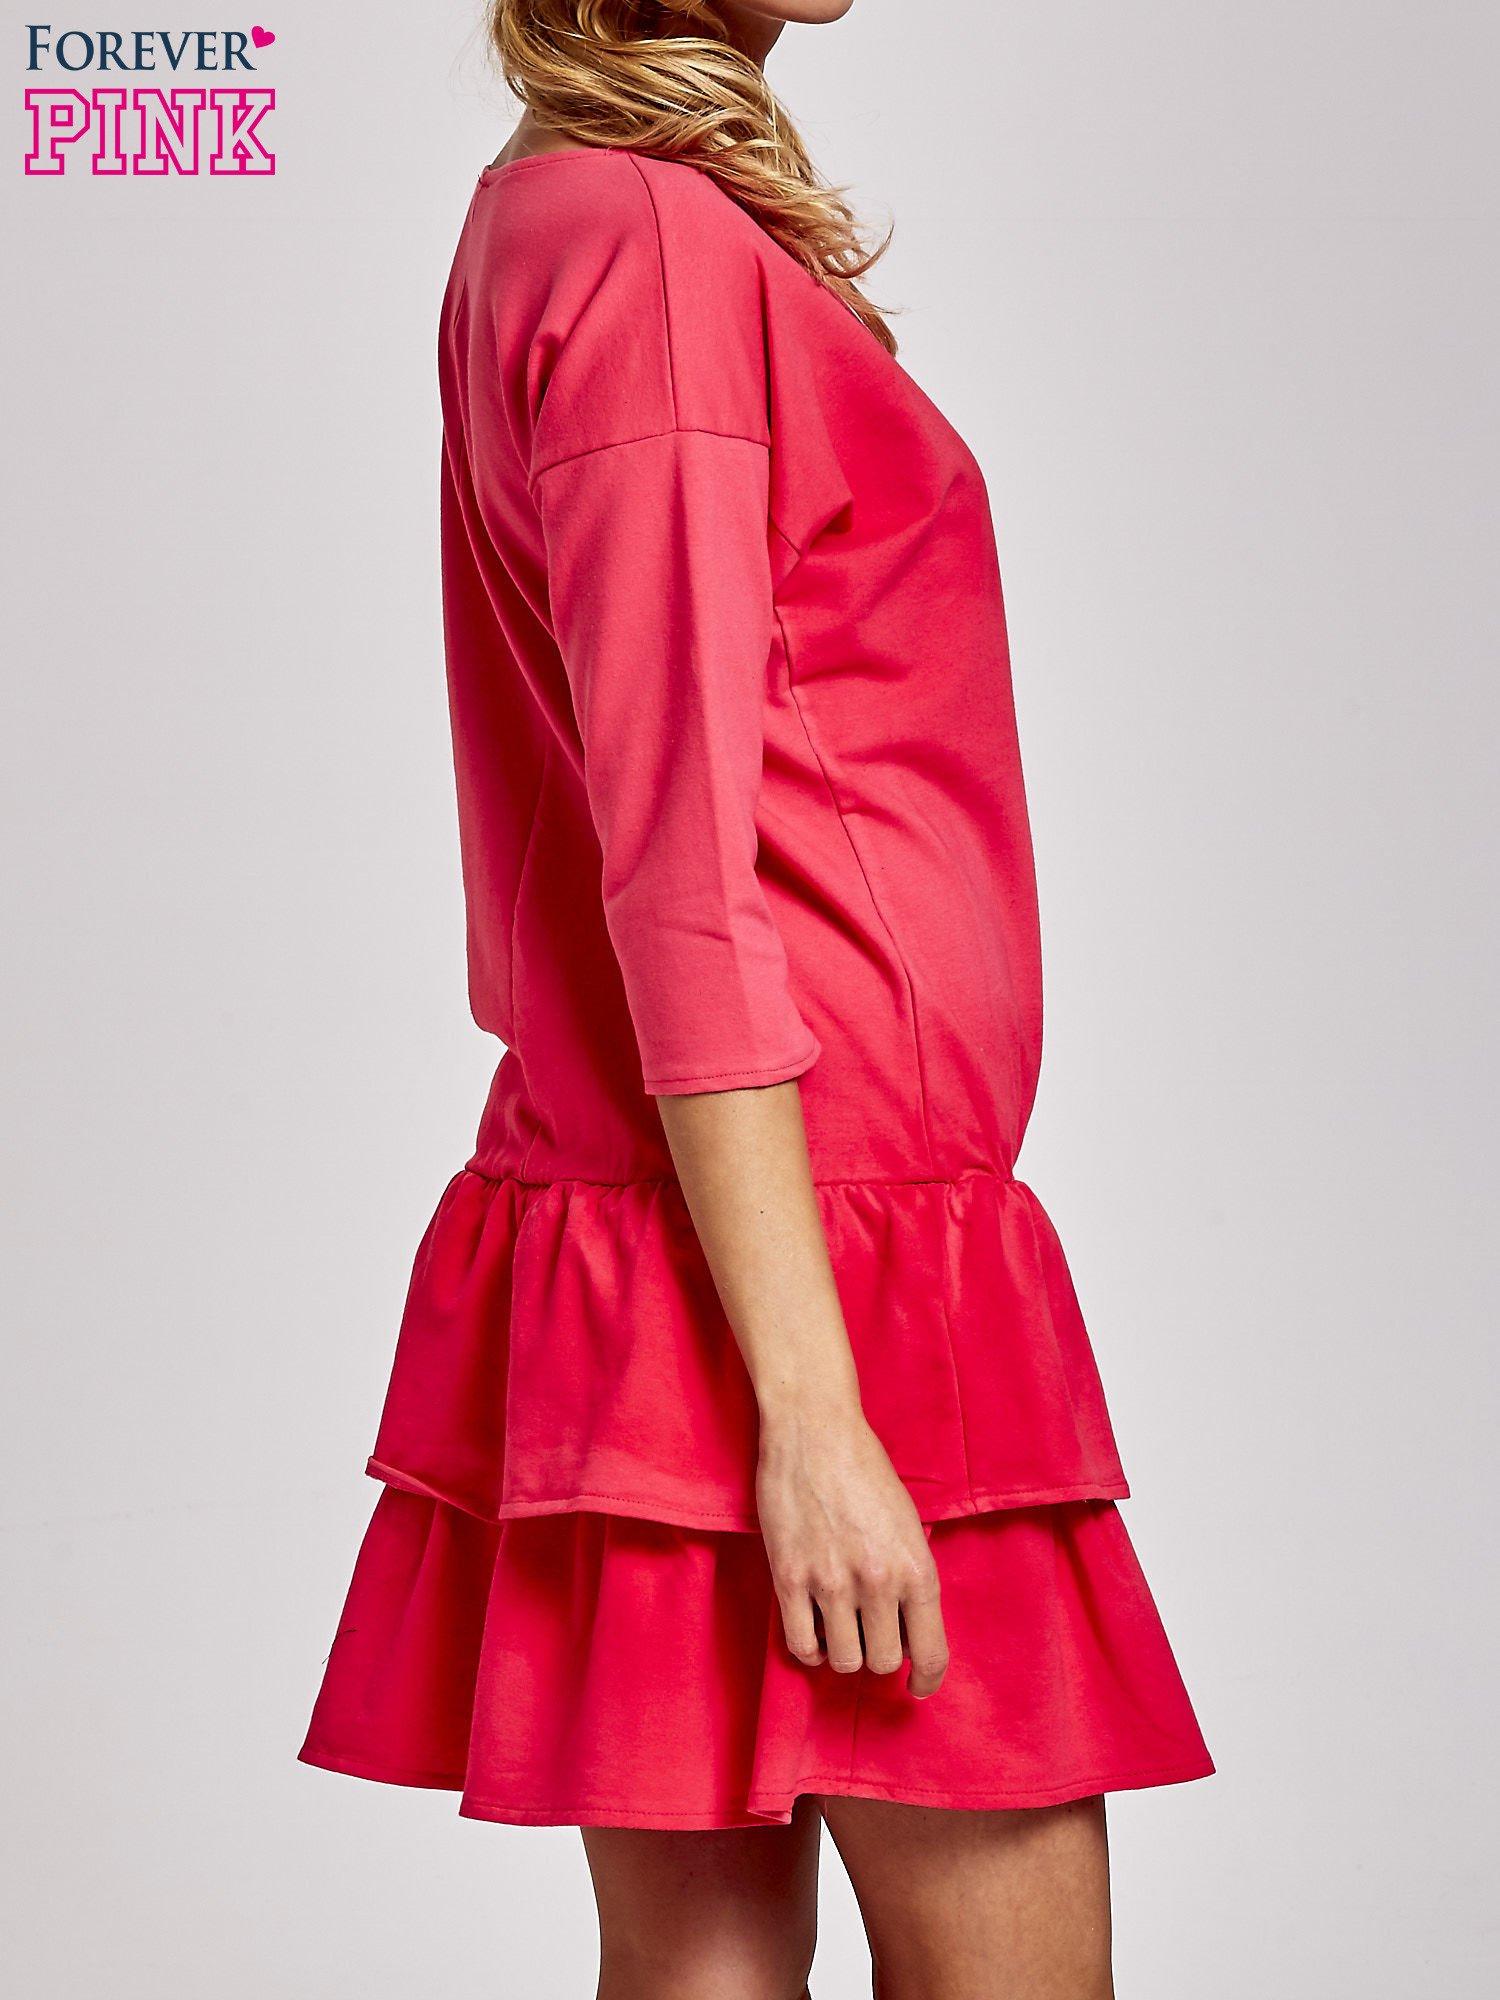 Koralowa sukienka dresowa ombre z podwójną falbaną                                  zdj.                                  4